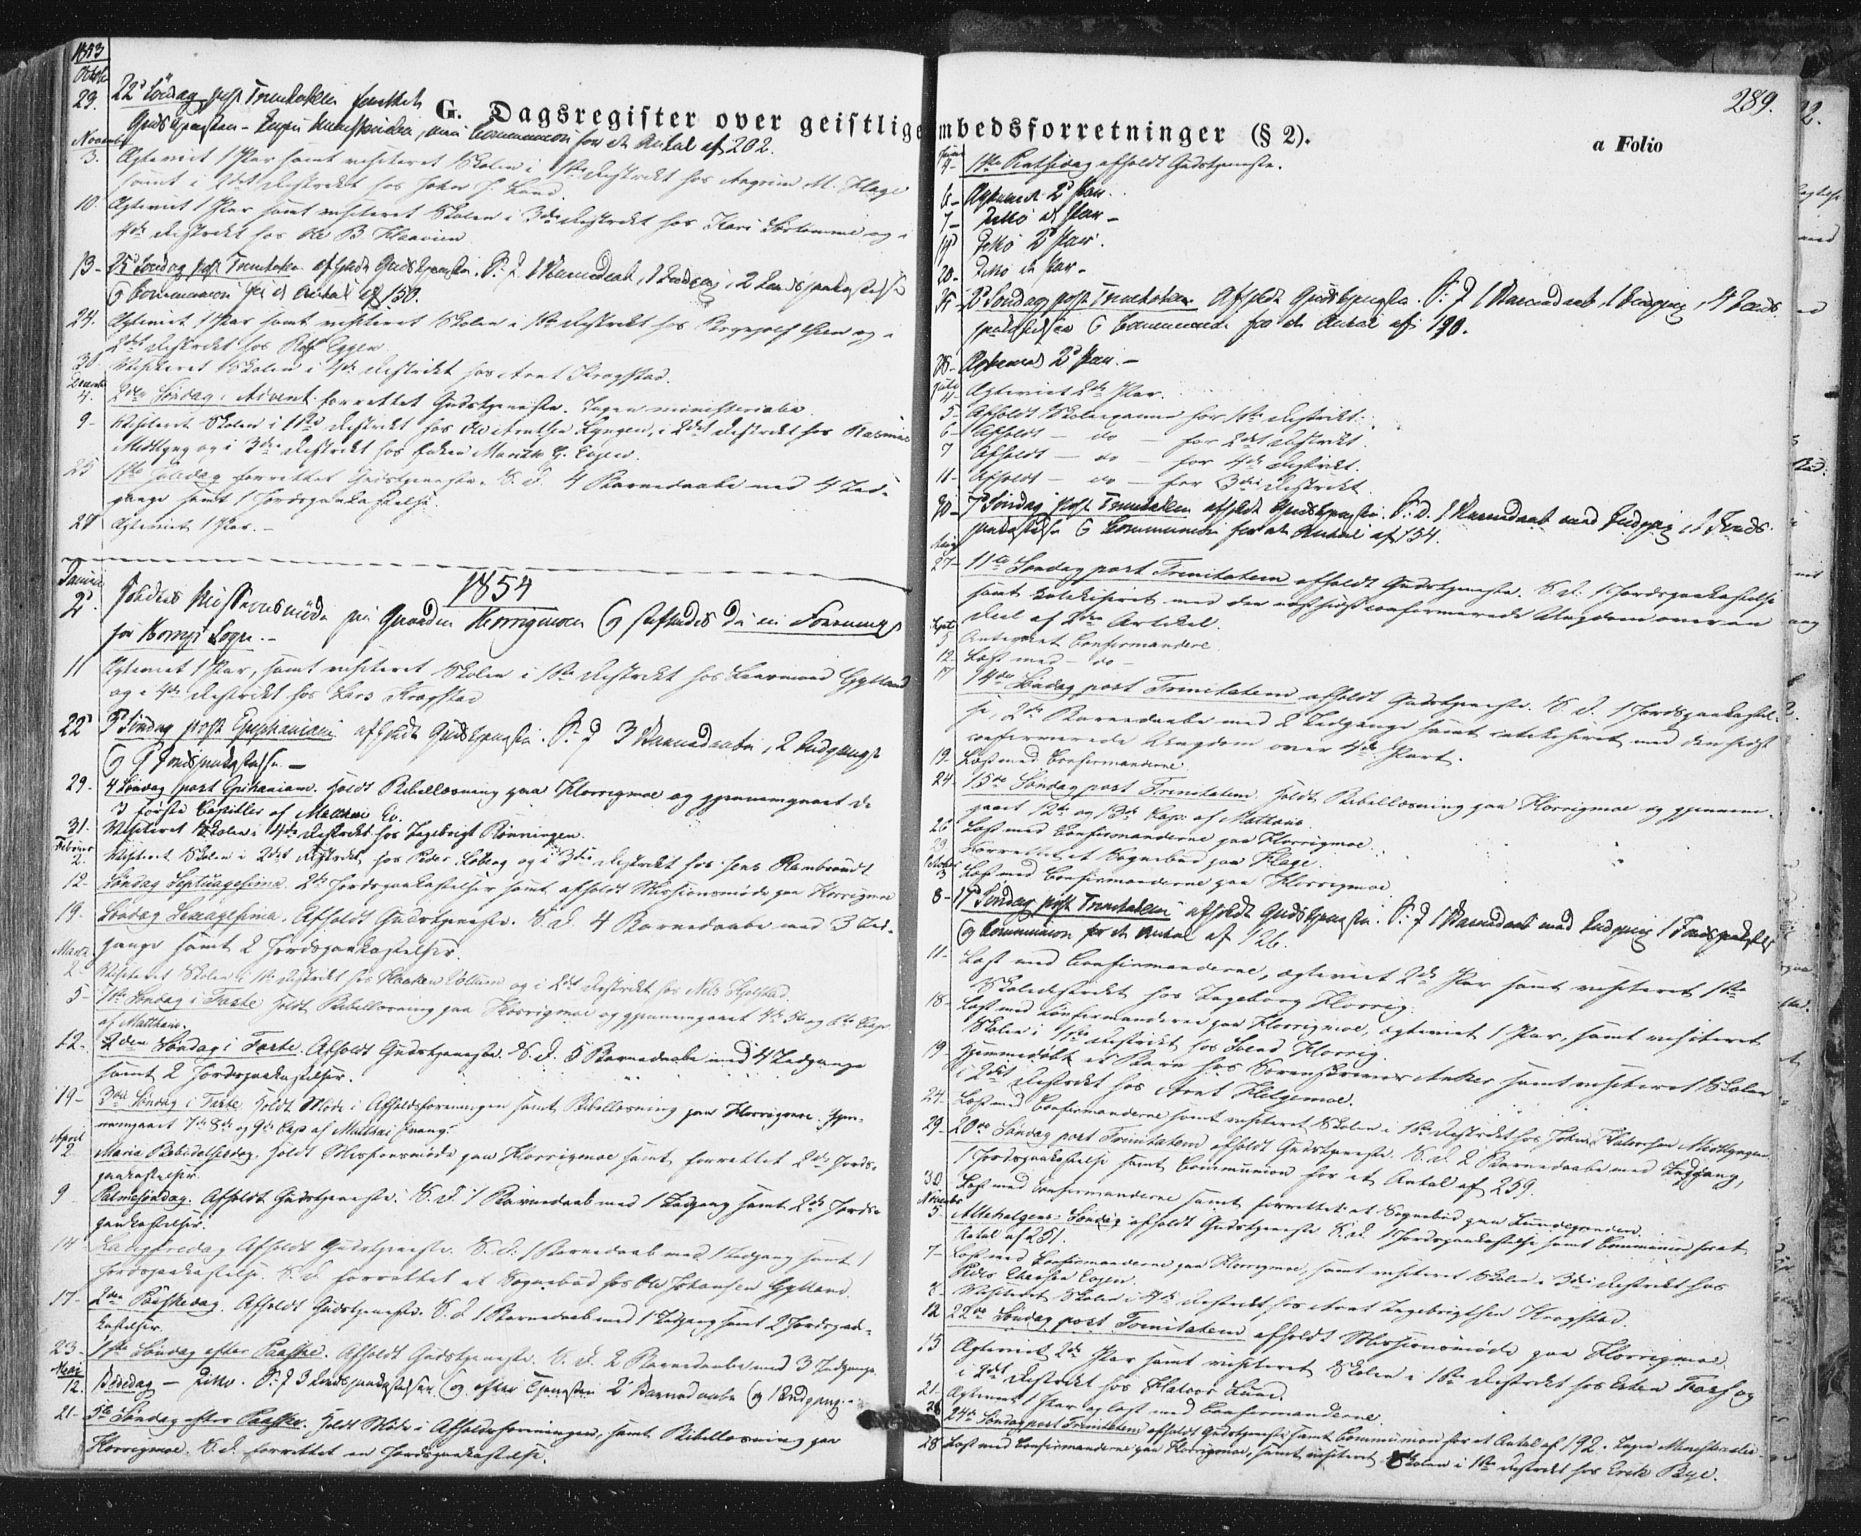 SAT, Ministerialprotokoller, klokkerbøker og fødselsregistre - Sør-Trøndelag, 692/L1103: Ministerialbok nr. 692A03, 1849-1870, s. 289